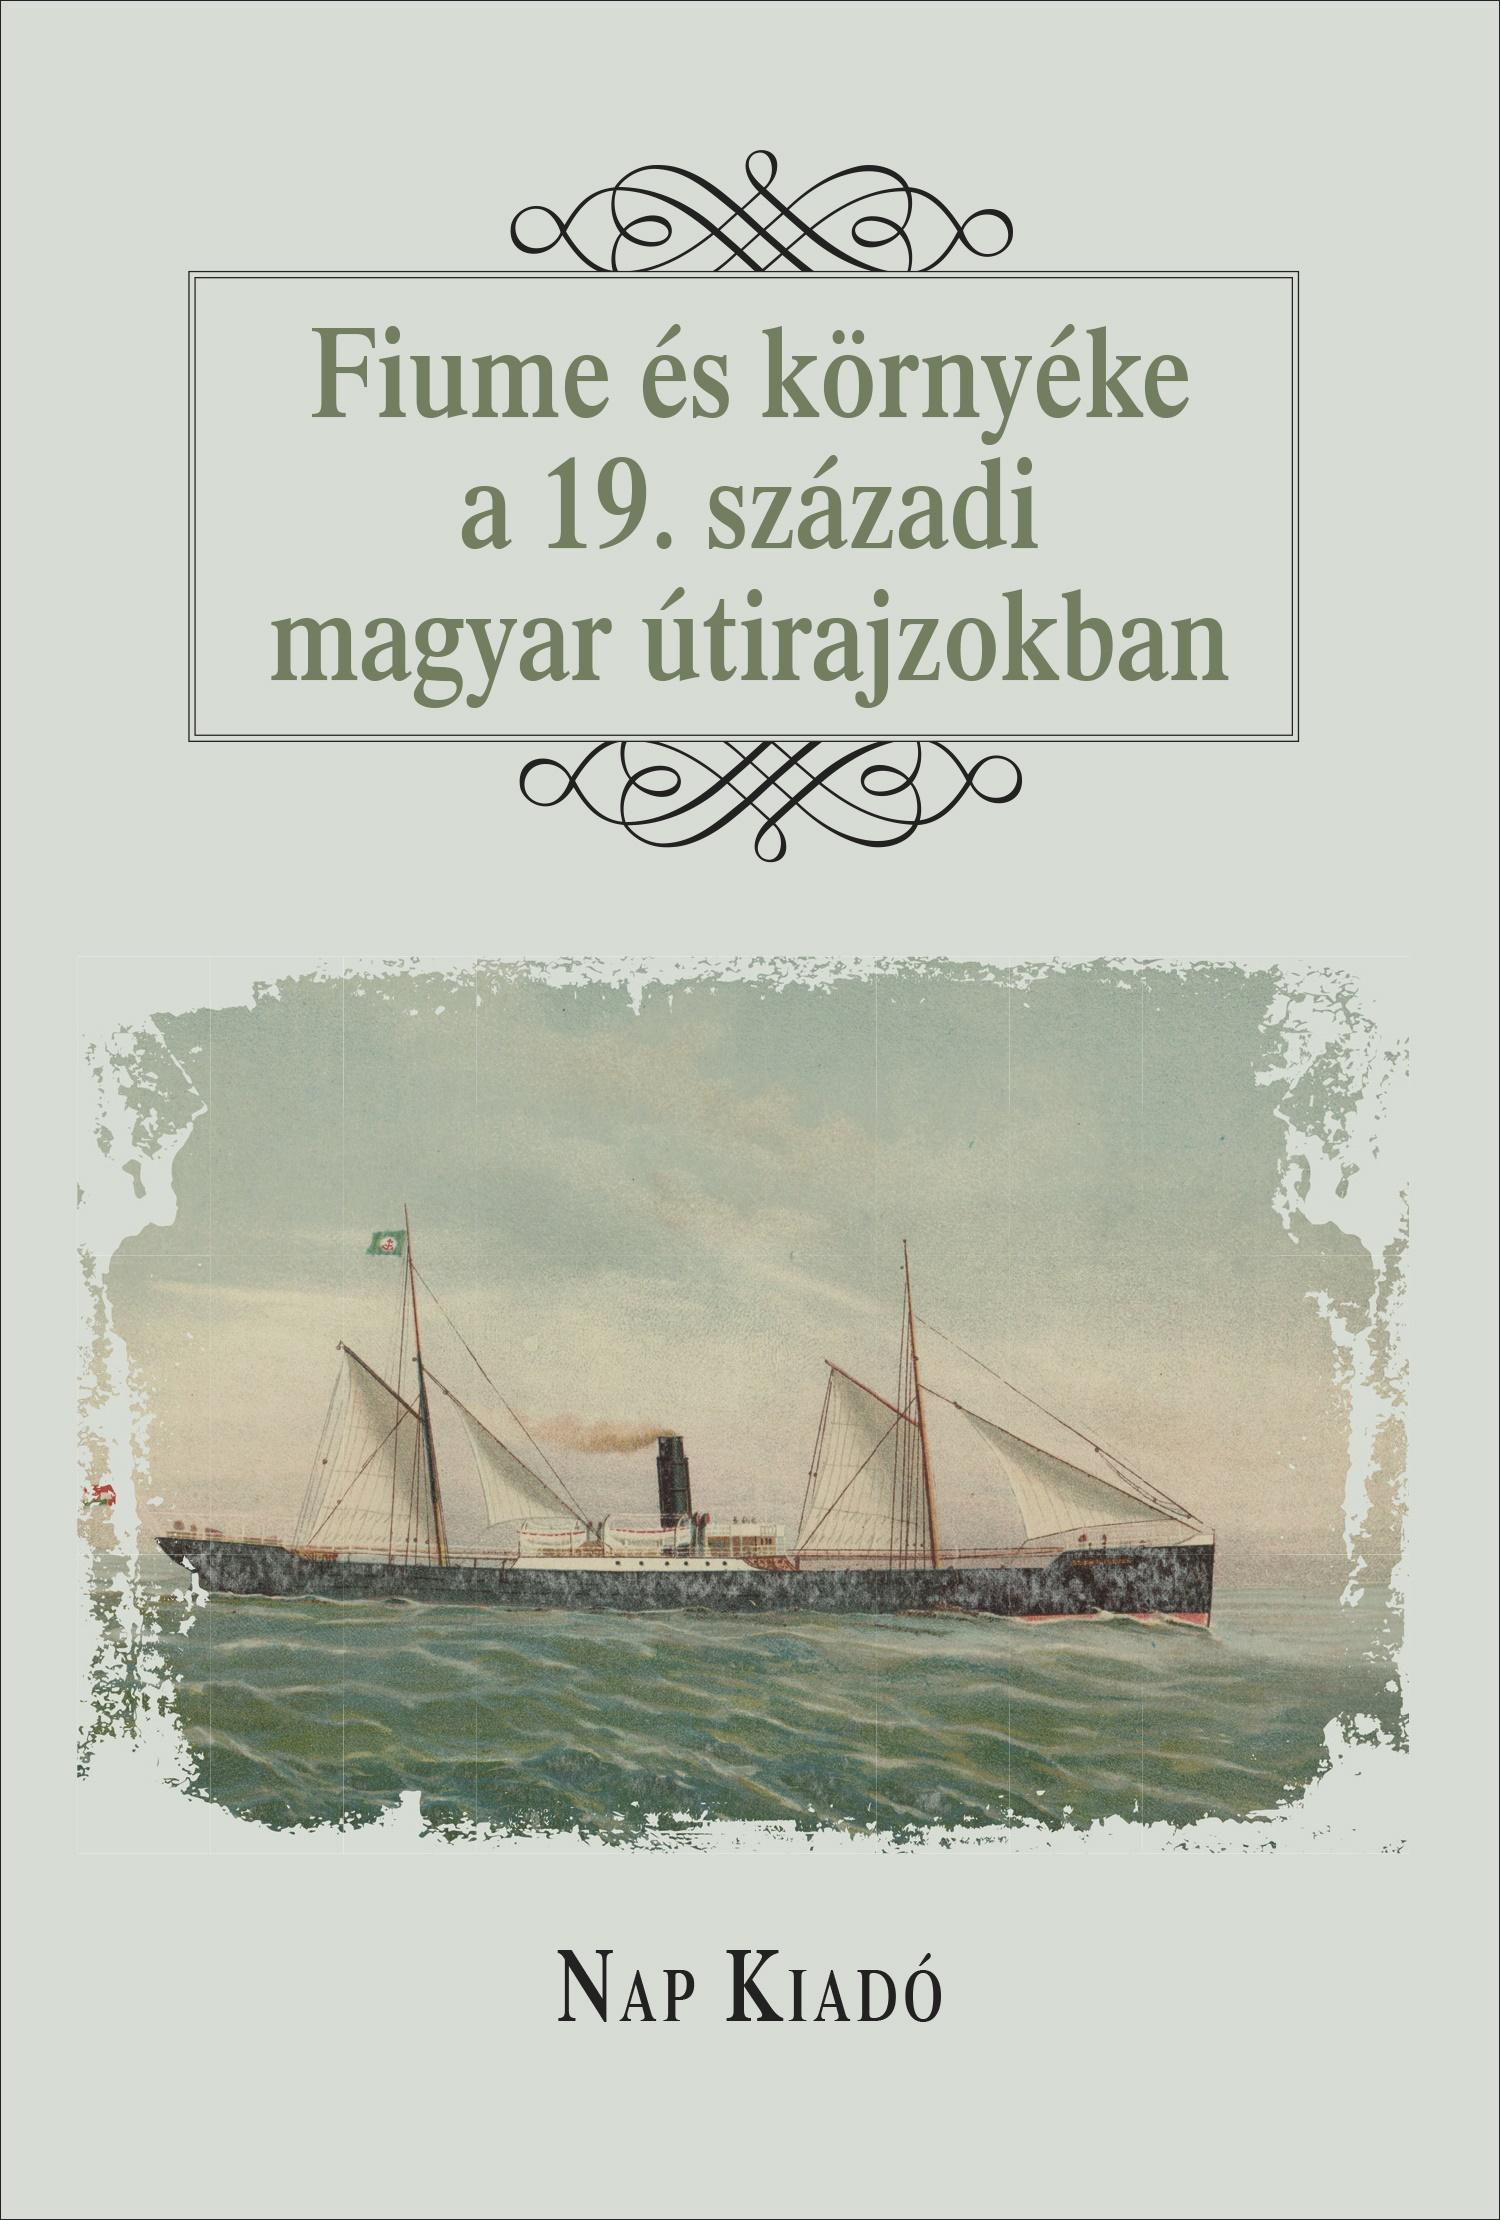 Fiume és környéke a 19. századi magyar útirajzokban